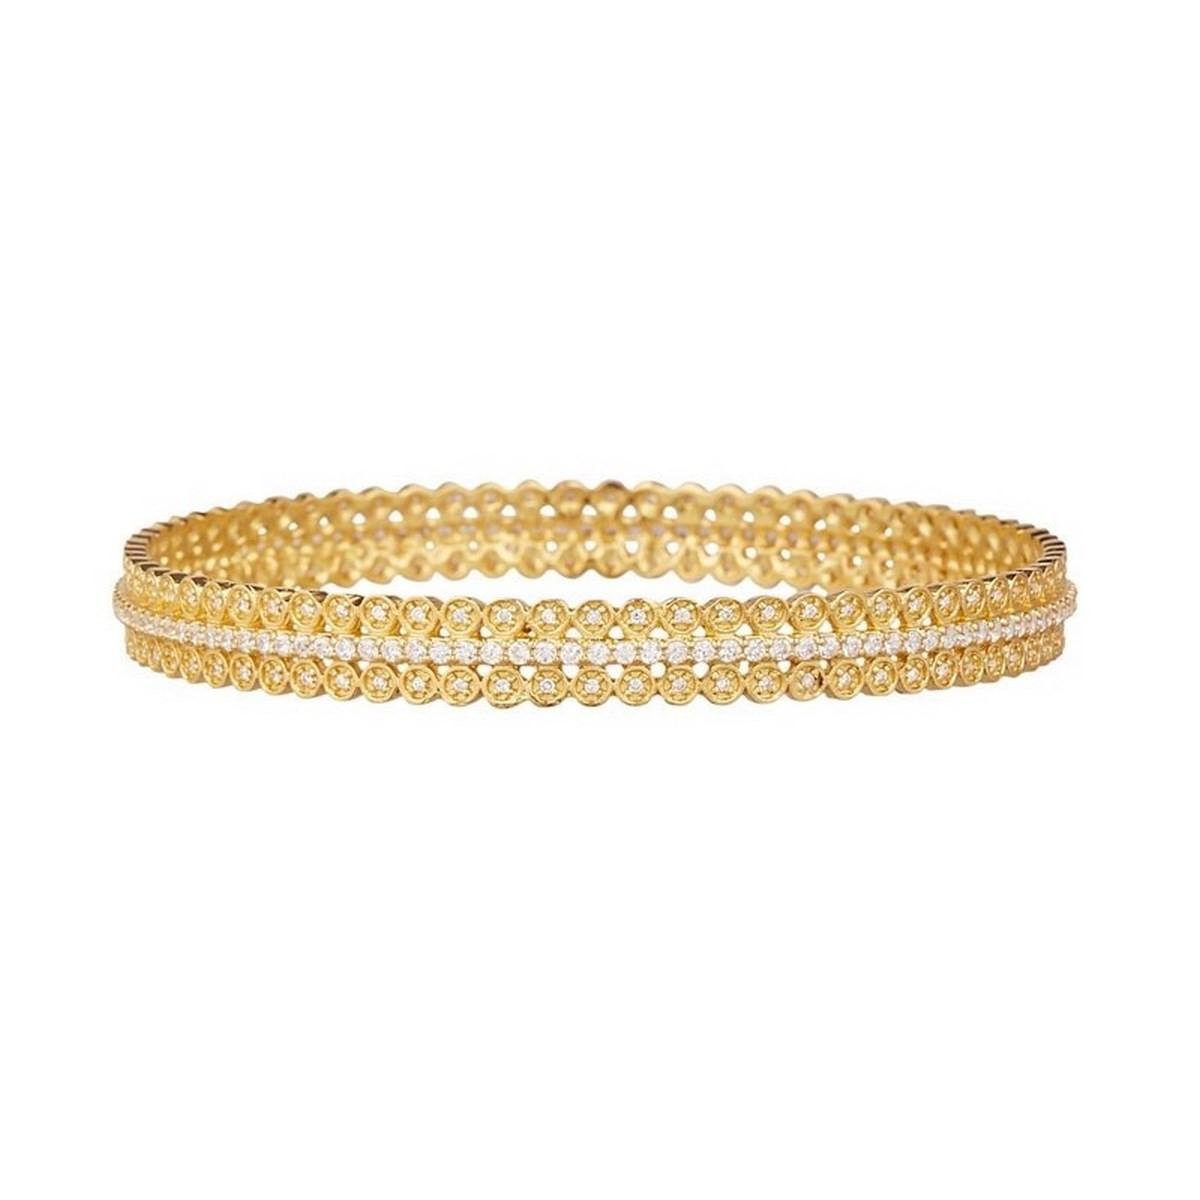 Bracelet bangle Ethnique BYZANCE